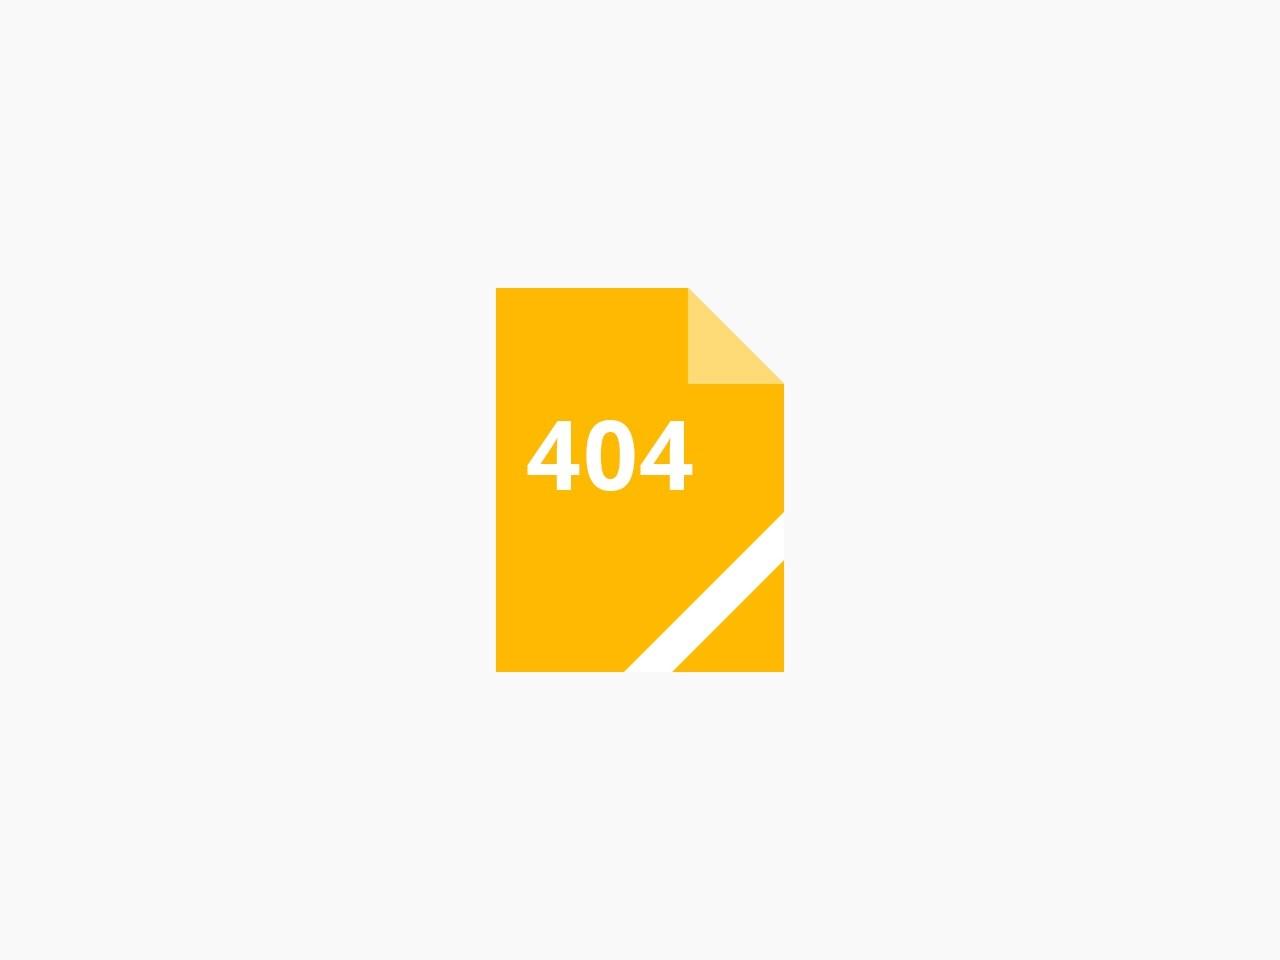 泉総合法律事務所(弁護士法人)横浜支店